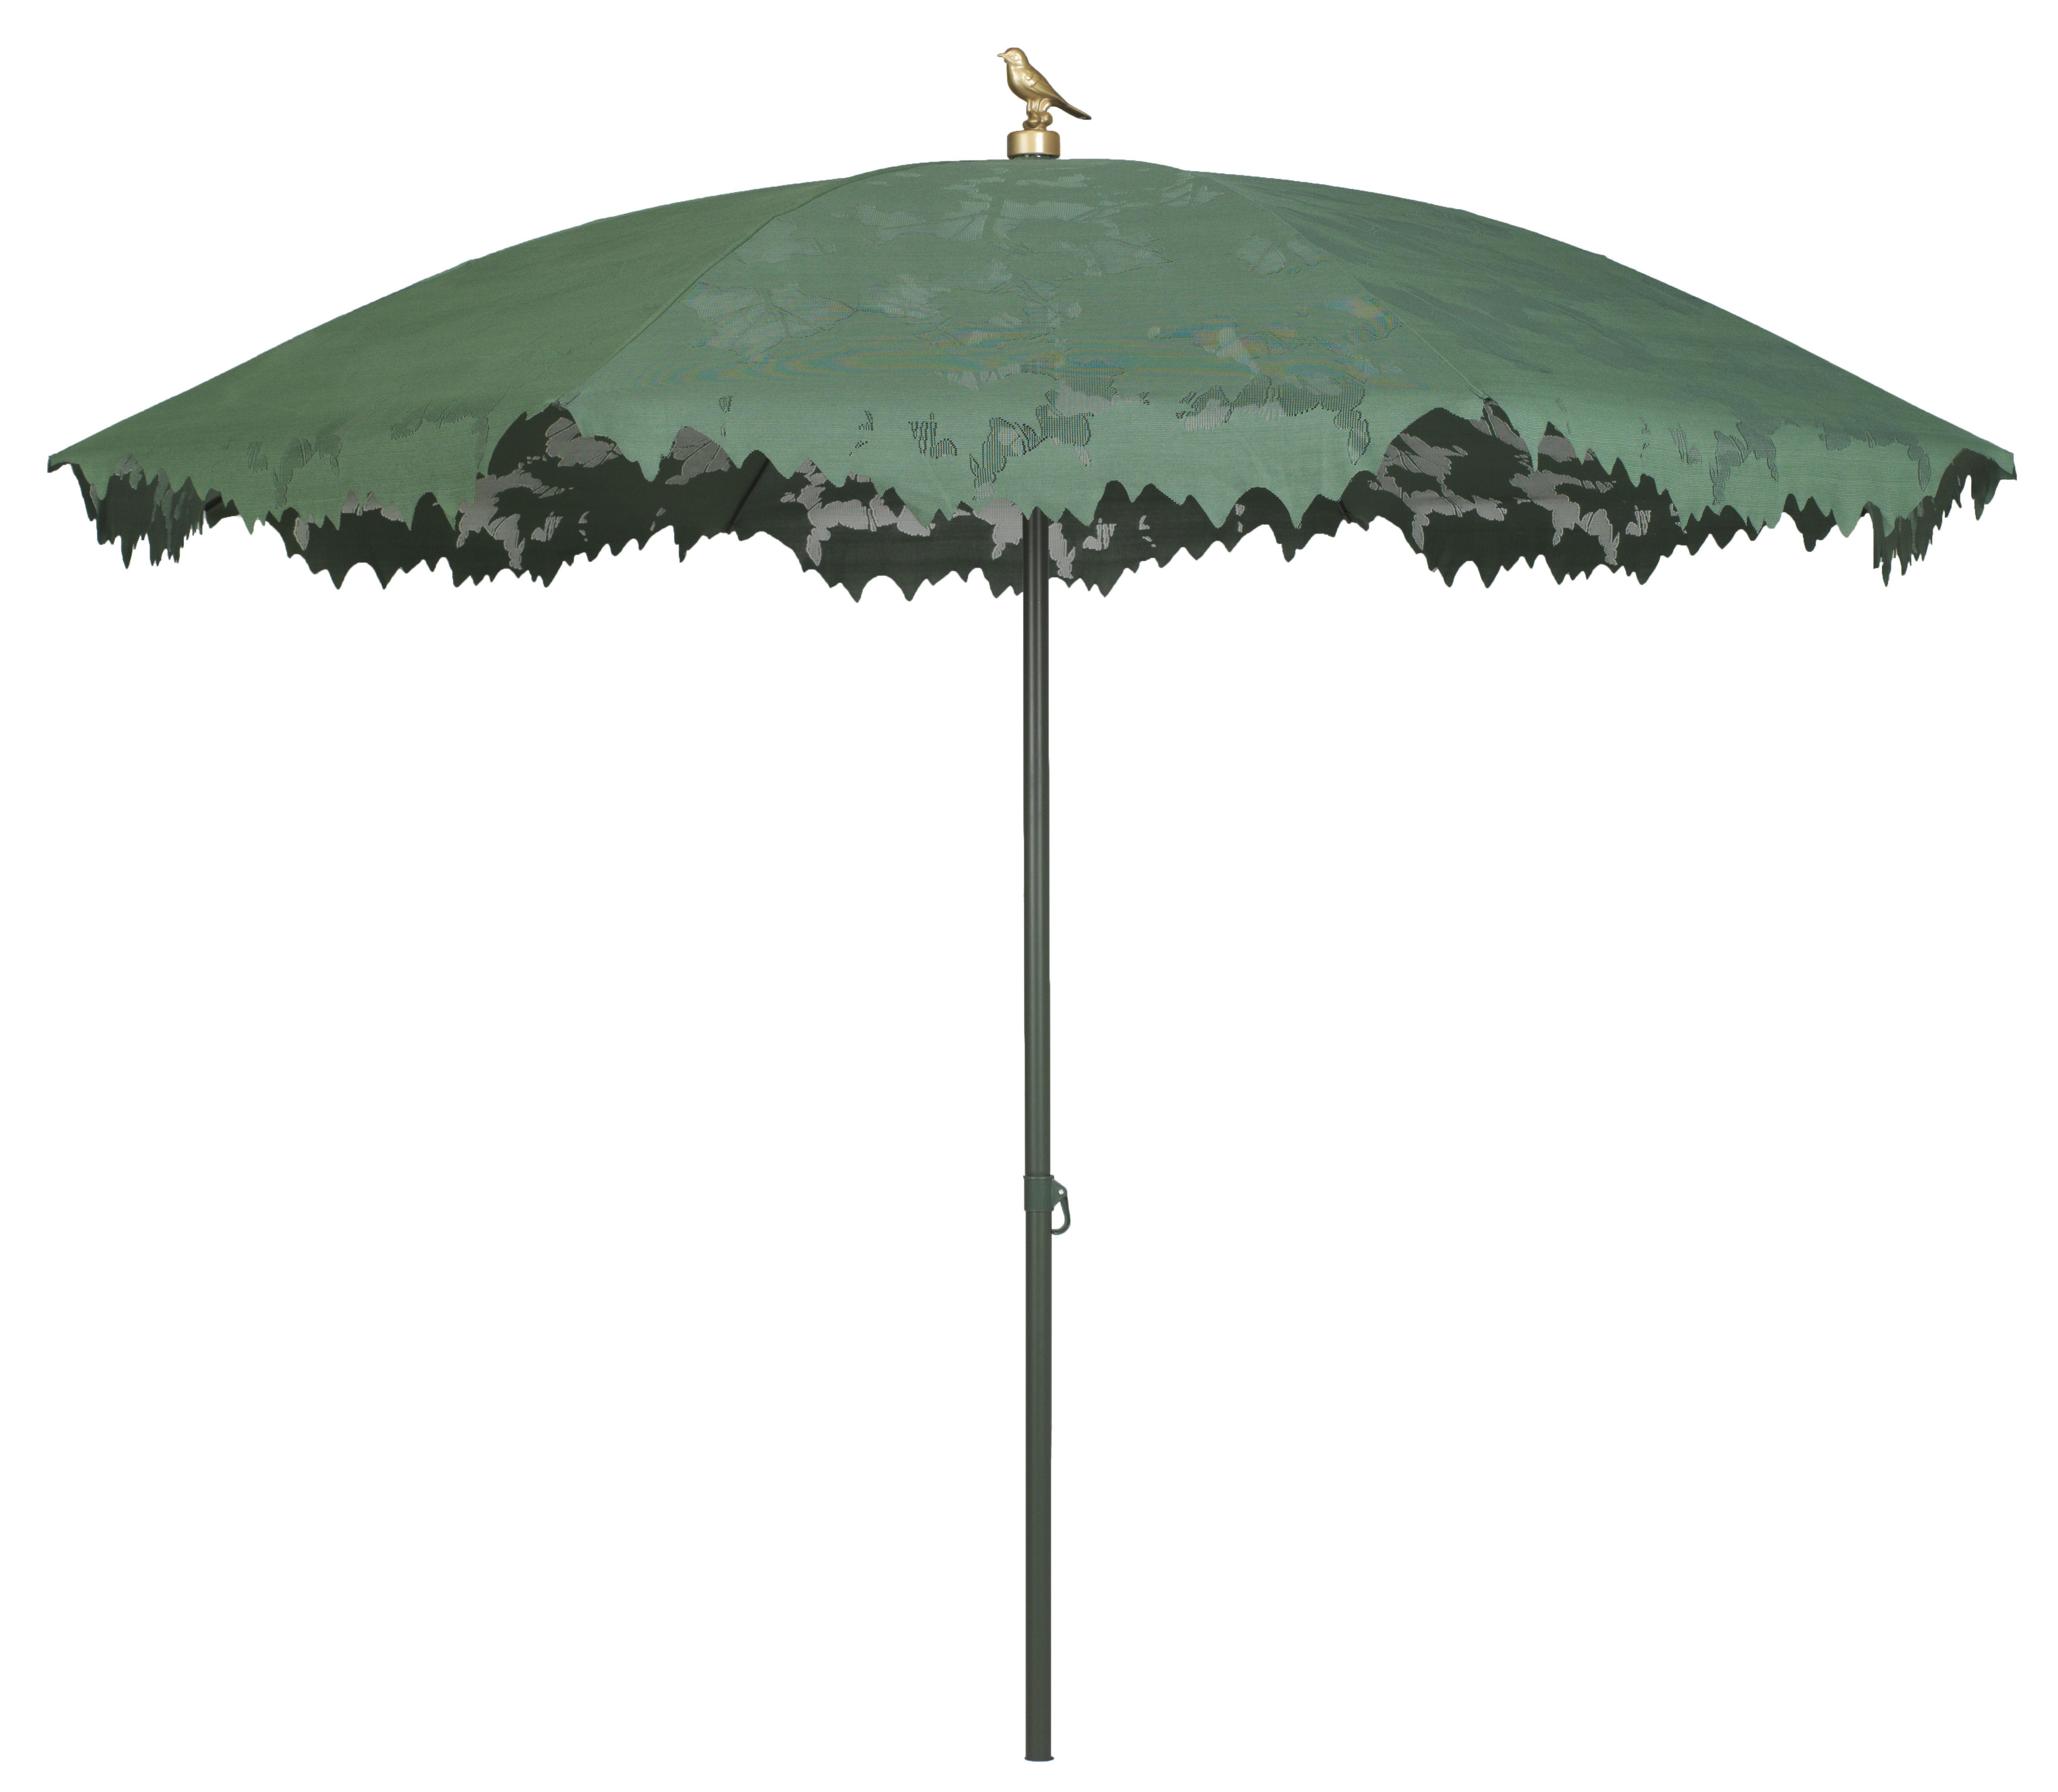 Outdoor - Parasols - Parasol Shadylace Ø 245 cm - Symo - Parasol vert / mât alu / oiseau doré - Aluminium, Toile polyester